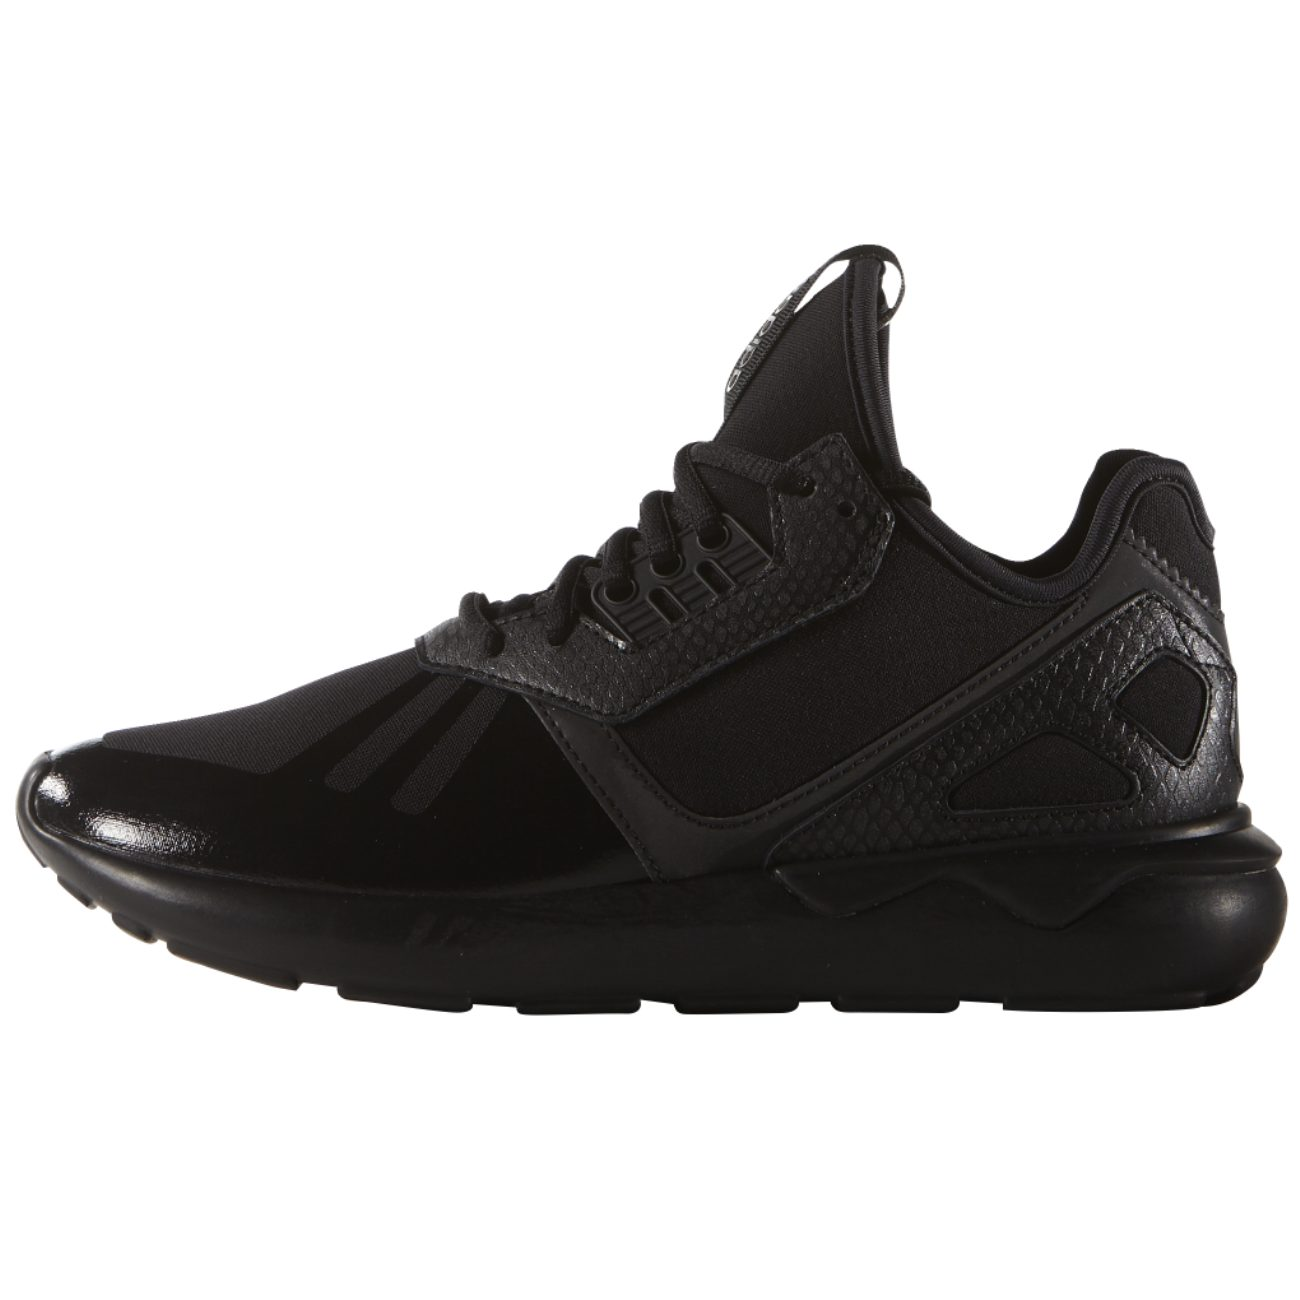 Adidas Originals Tubular Shadow Runner Entrap Damen Defiant Nova Herren Damen Entrap f5a948